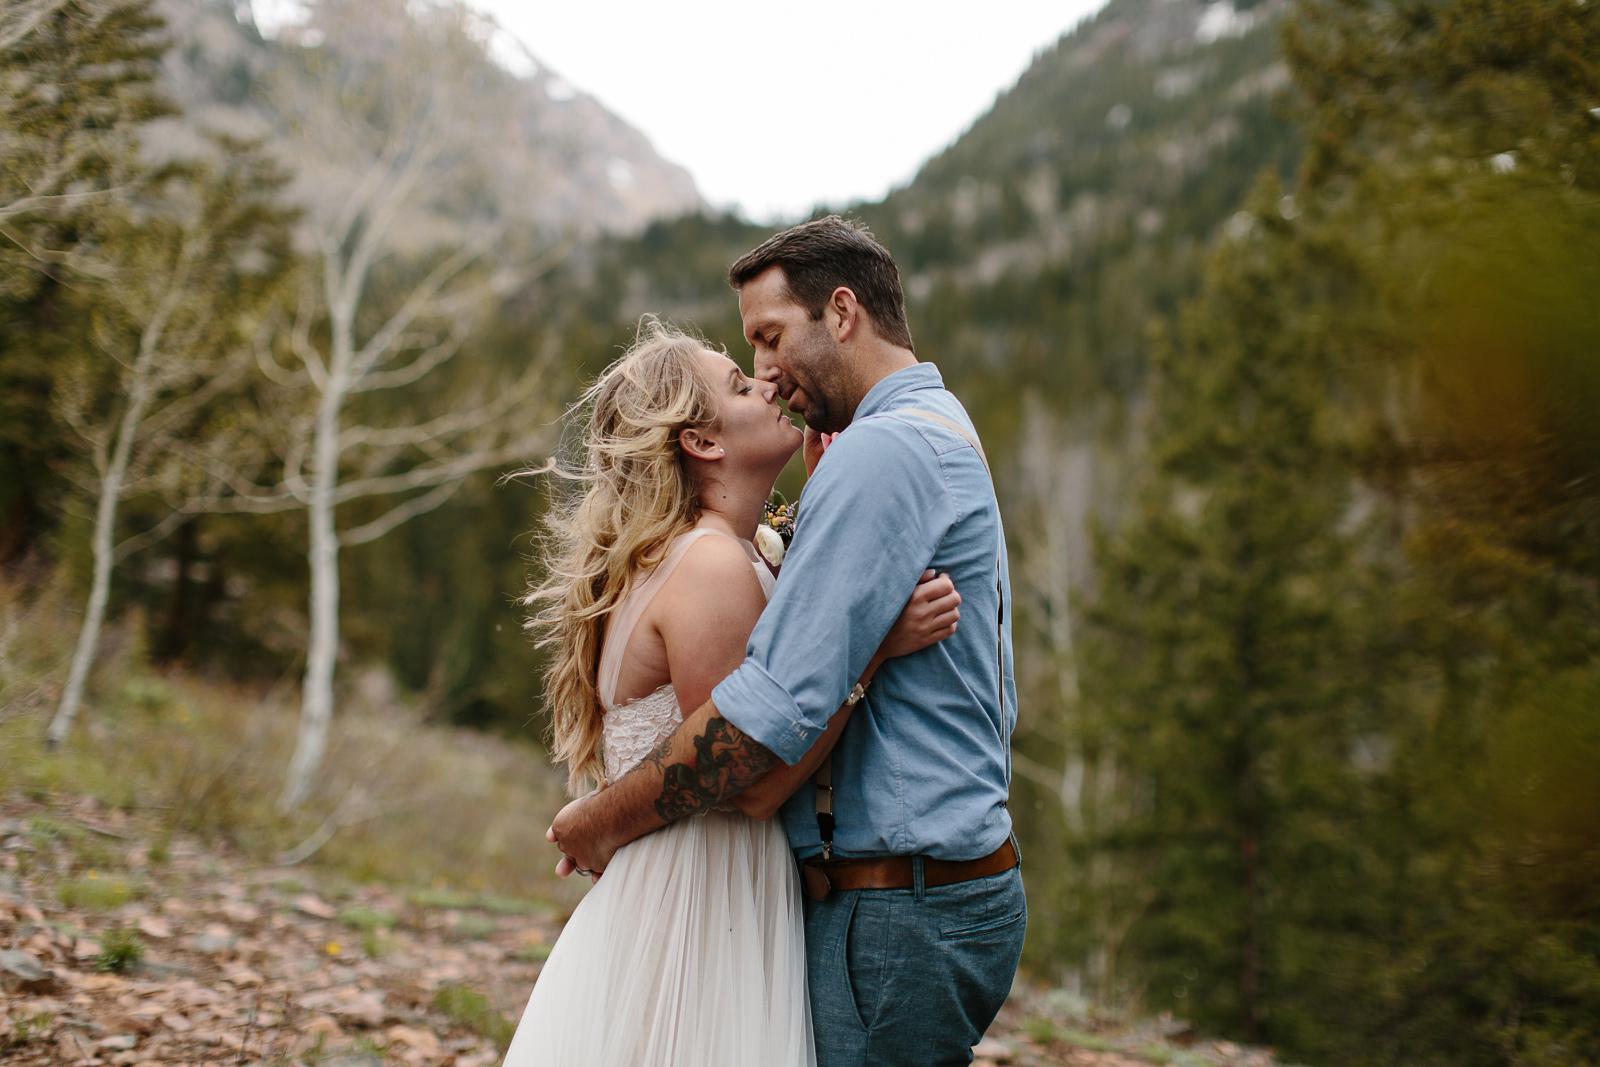 058-vail-elopement-photographer-chris-and-tara.jpg